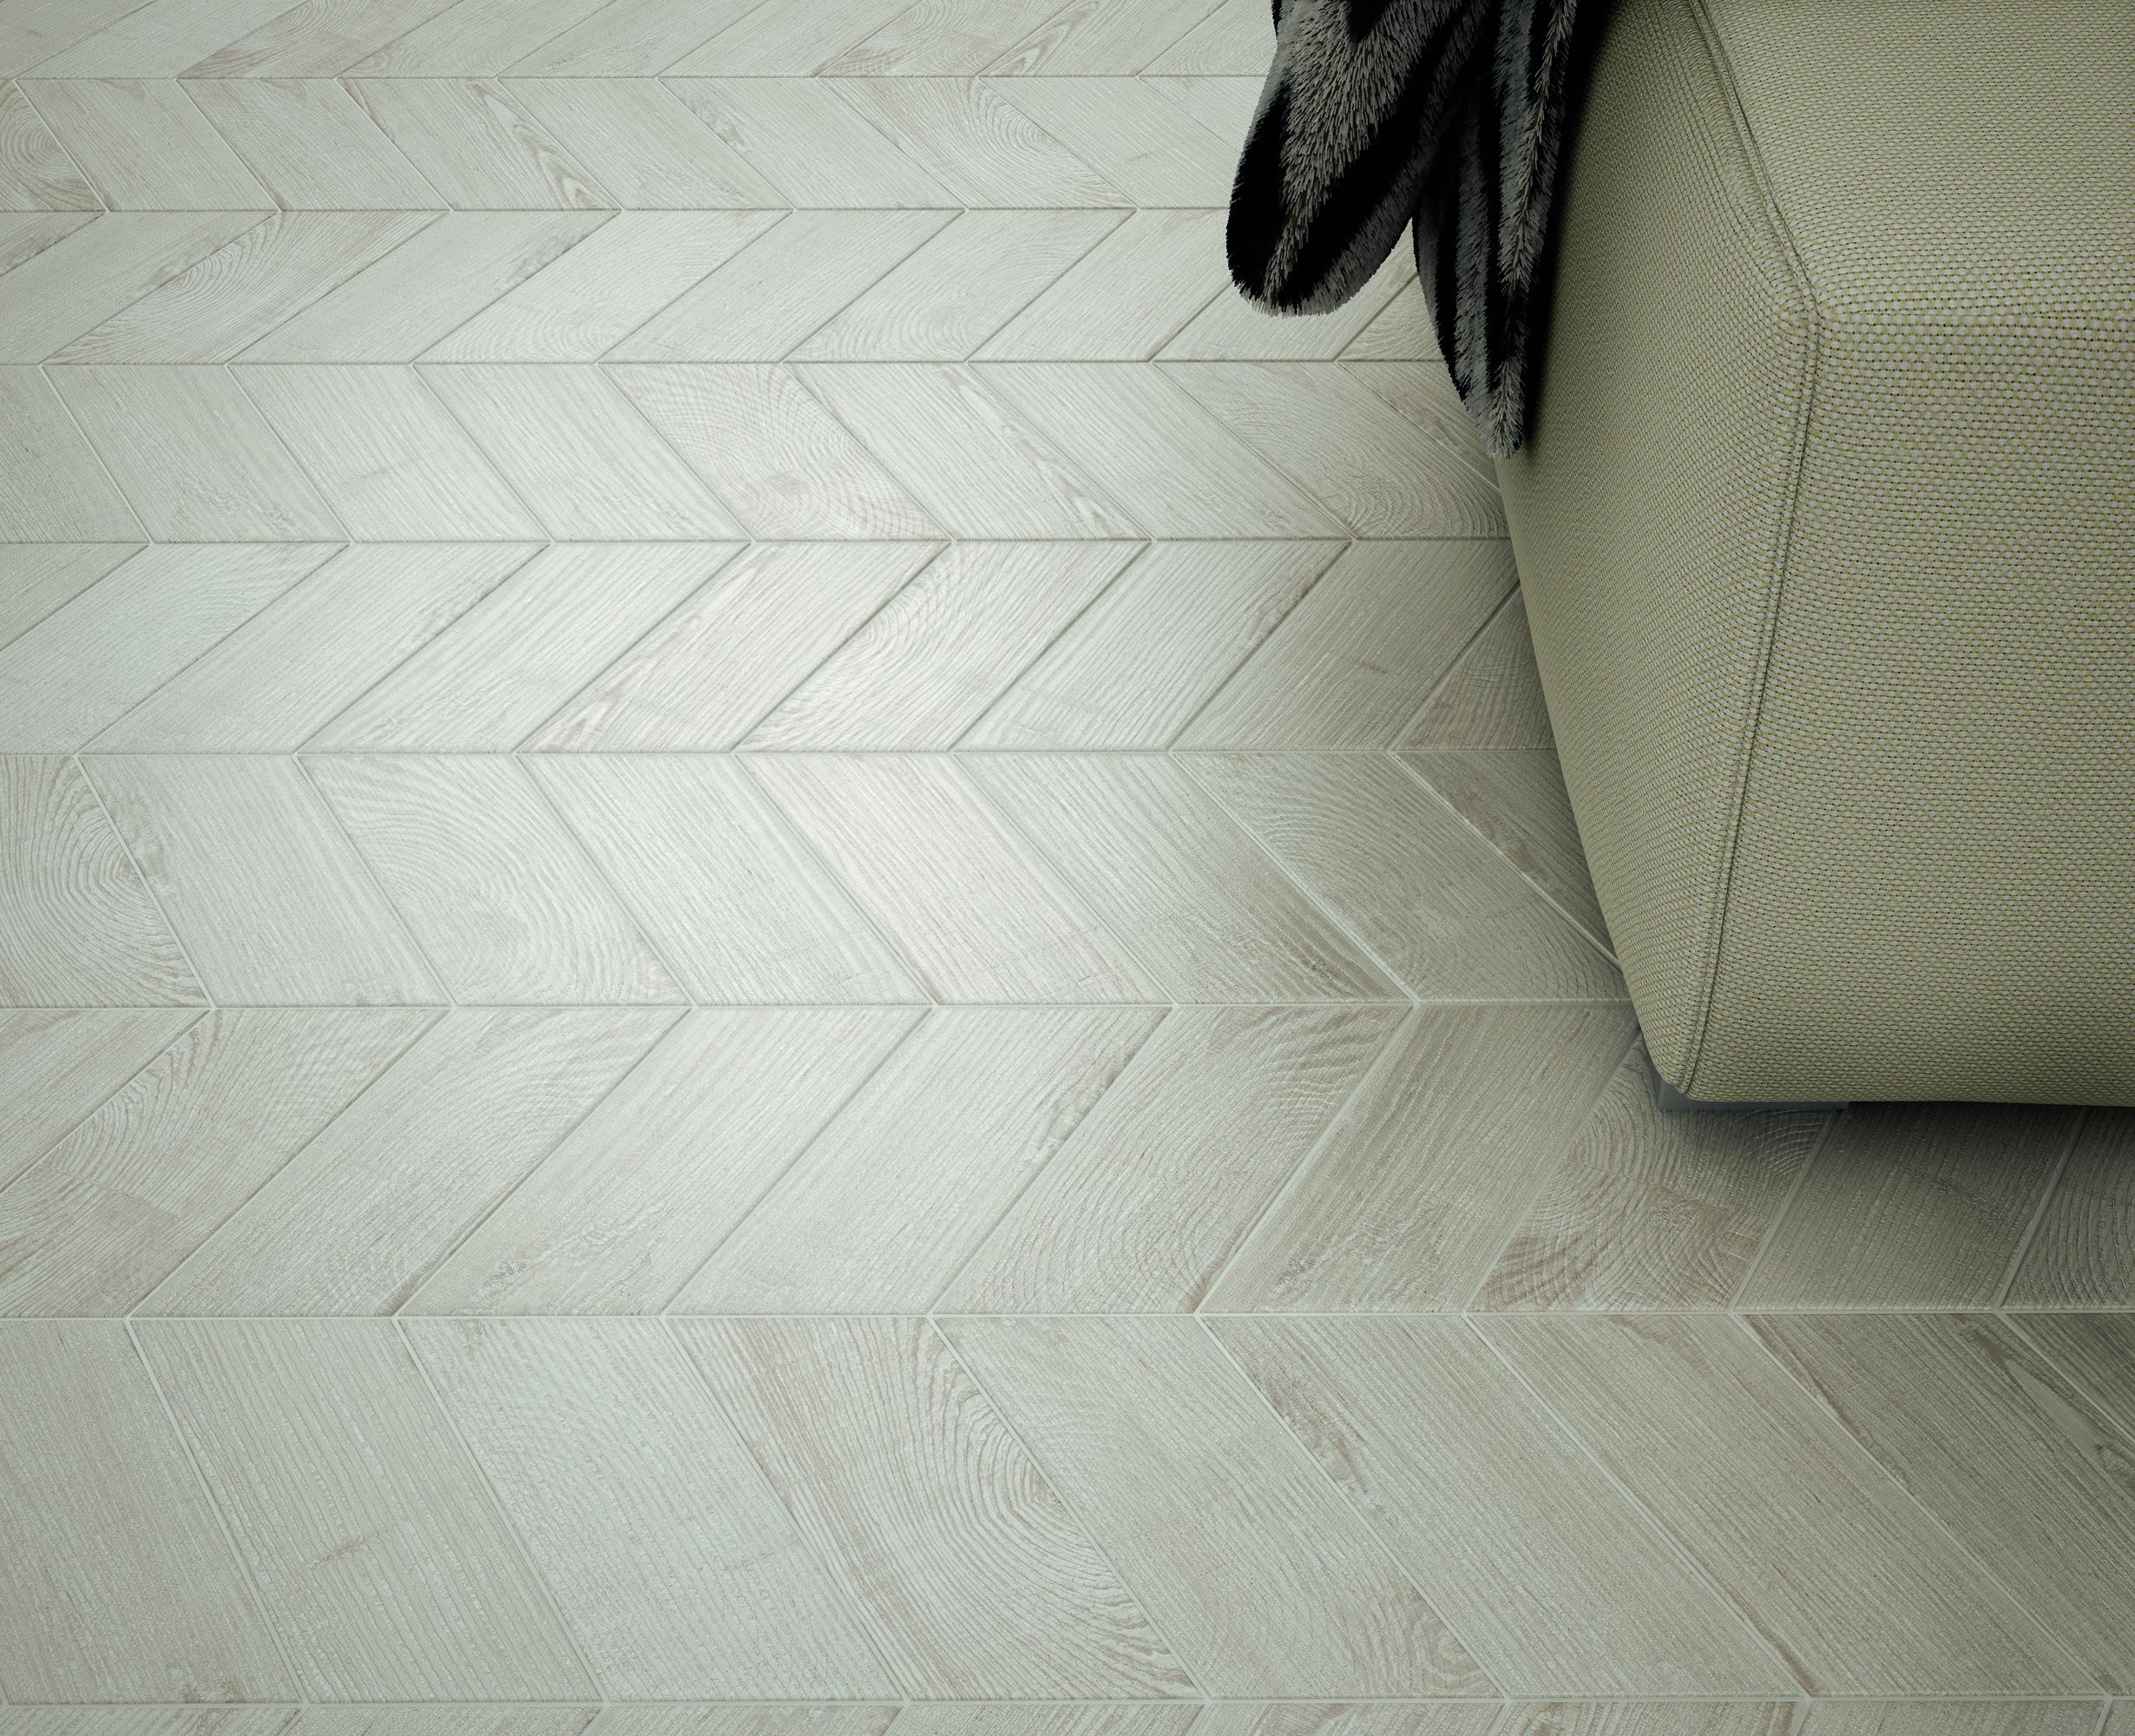 Hexawood Chevron Grey 9x20.5 cm Floor & Wall Tile/Porcelain/R10/V2